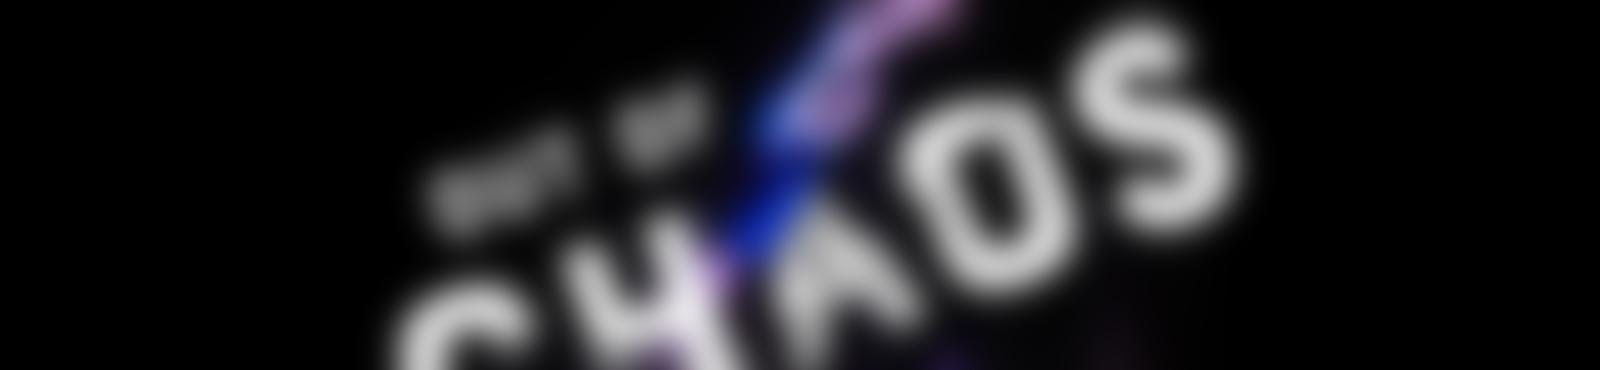 Blurred a4aa55d2 49a1 49f5 ae02 fc07e5e180d0